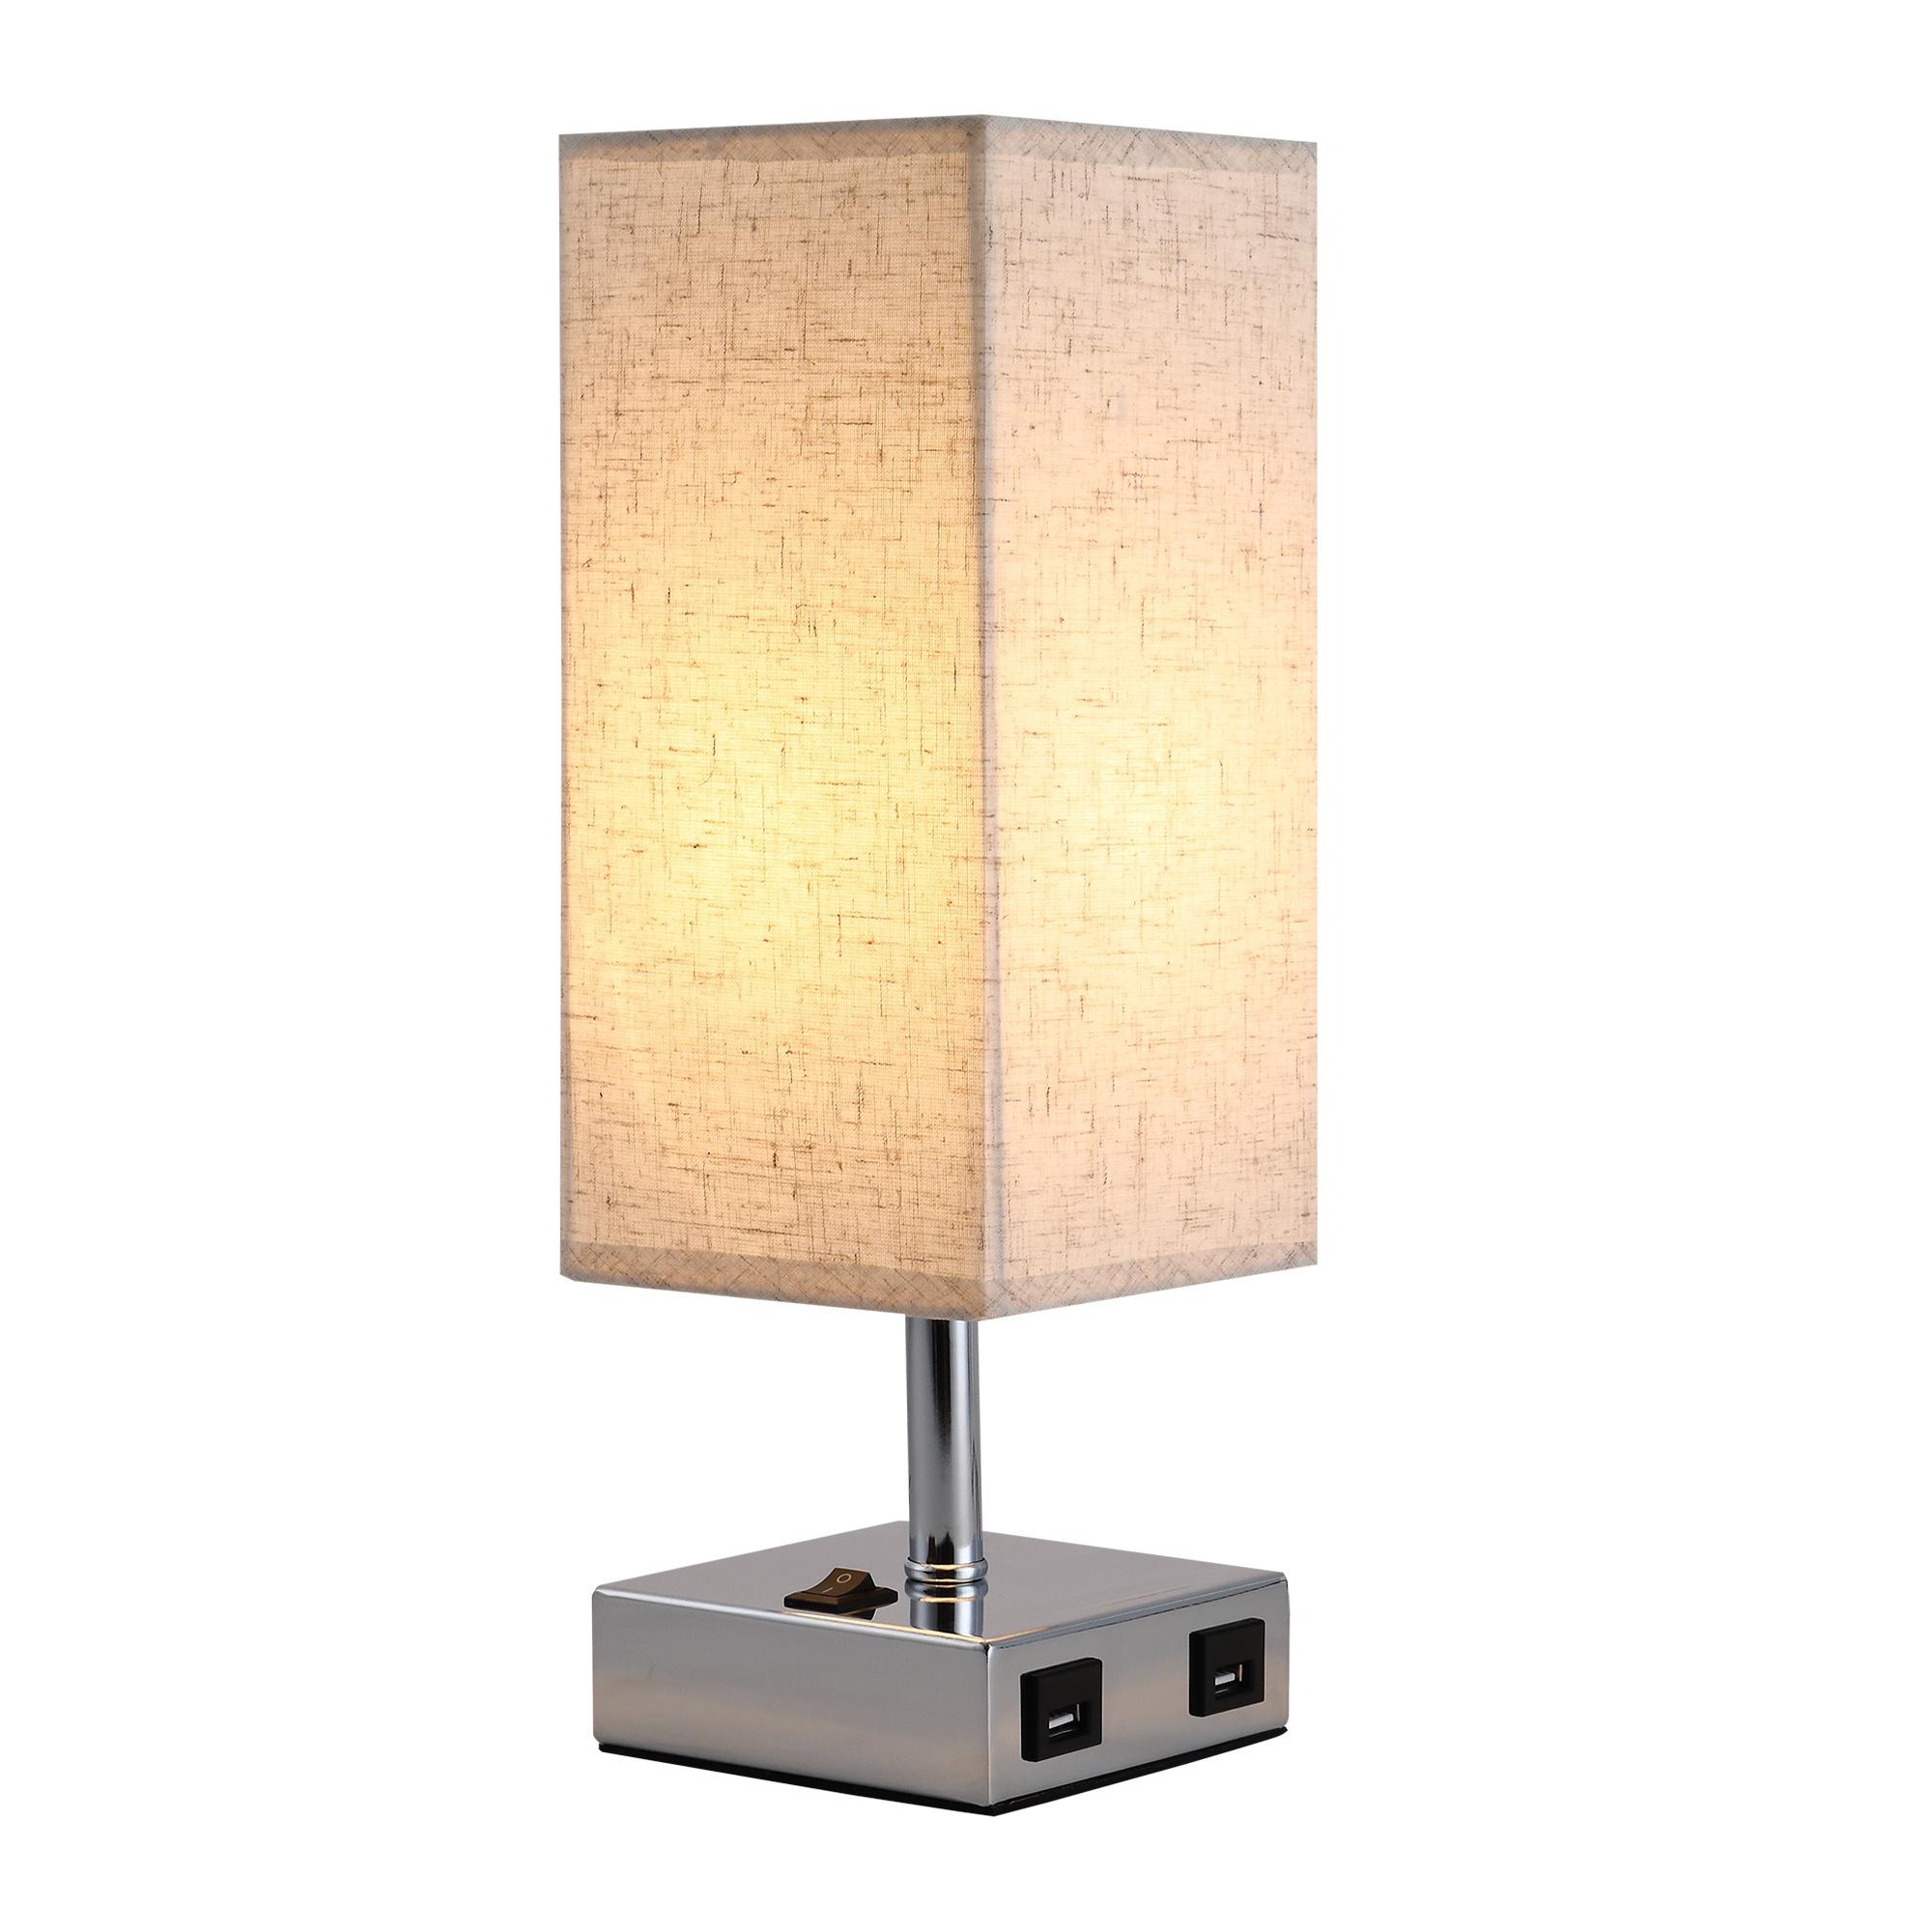 HOMCOM Lampa de Masa din Metal si Tesatura 2 Prize USB 2 Comutatoare, E27 imagine aosom.ro